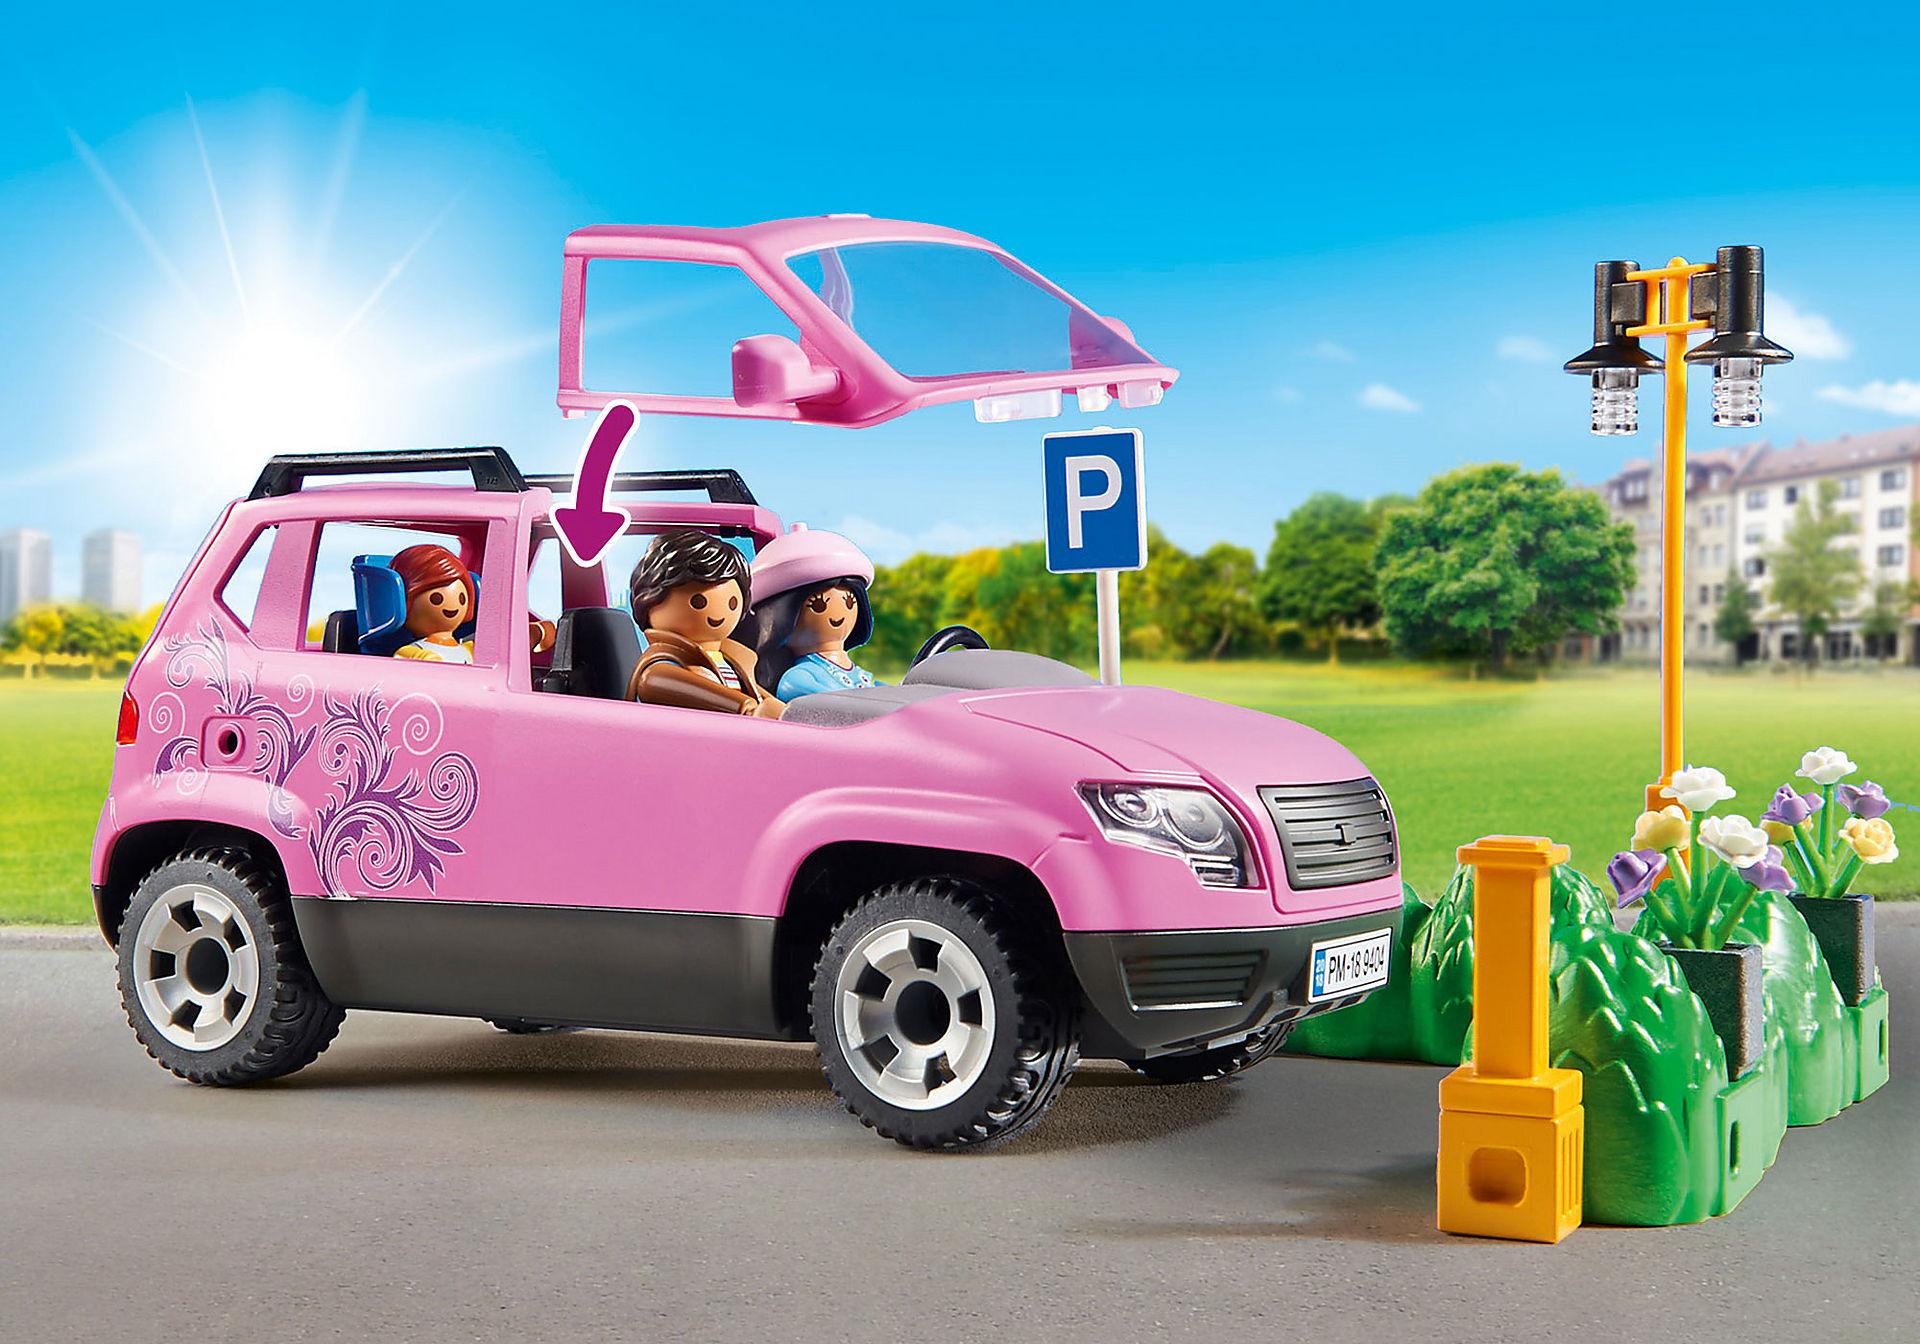 9404 Samochód rodzinny z zatoczką parkingową zoom image6